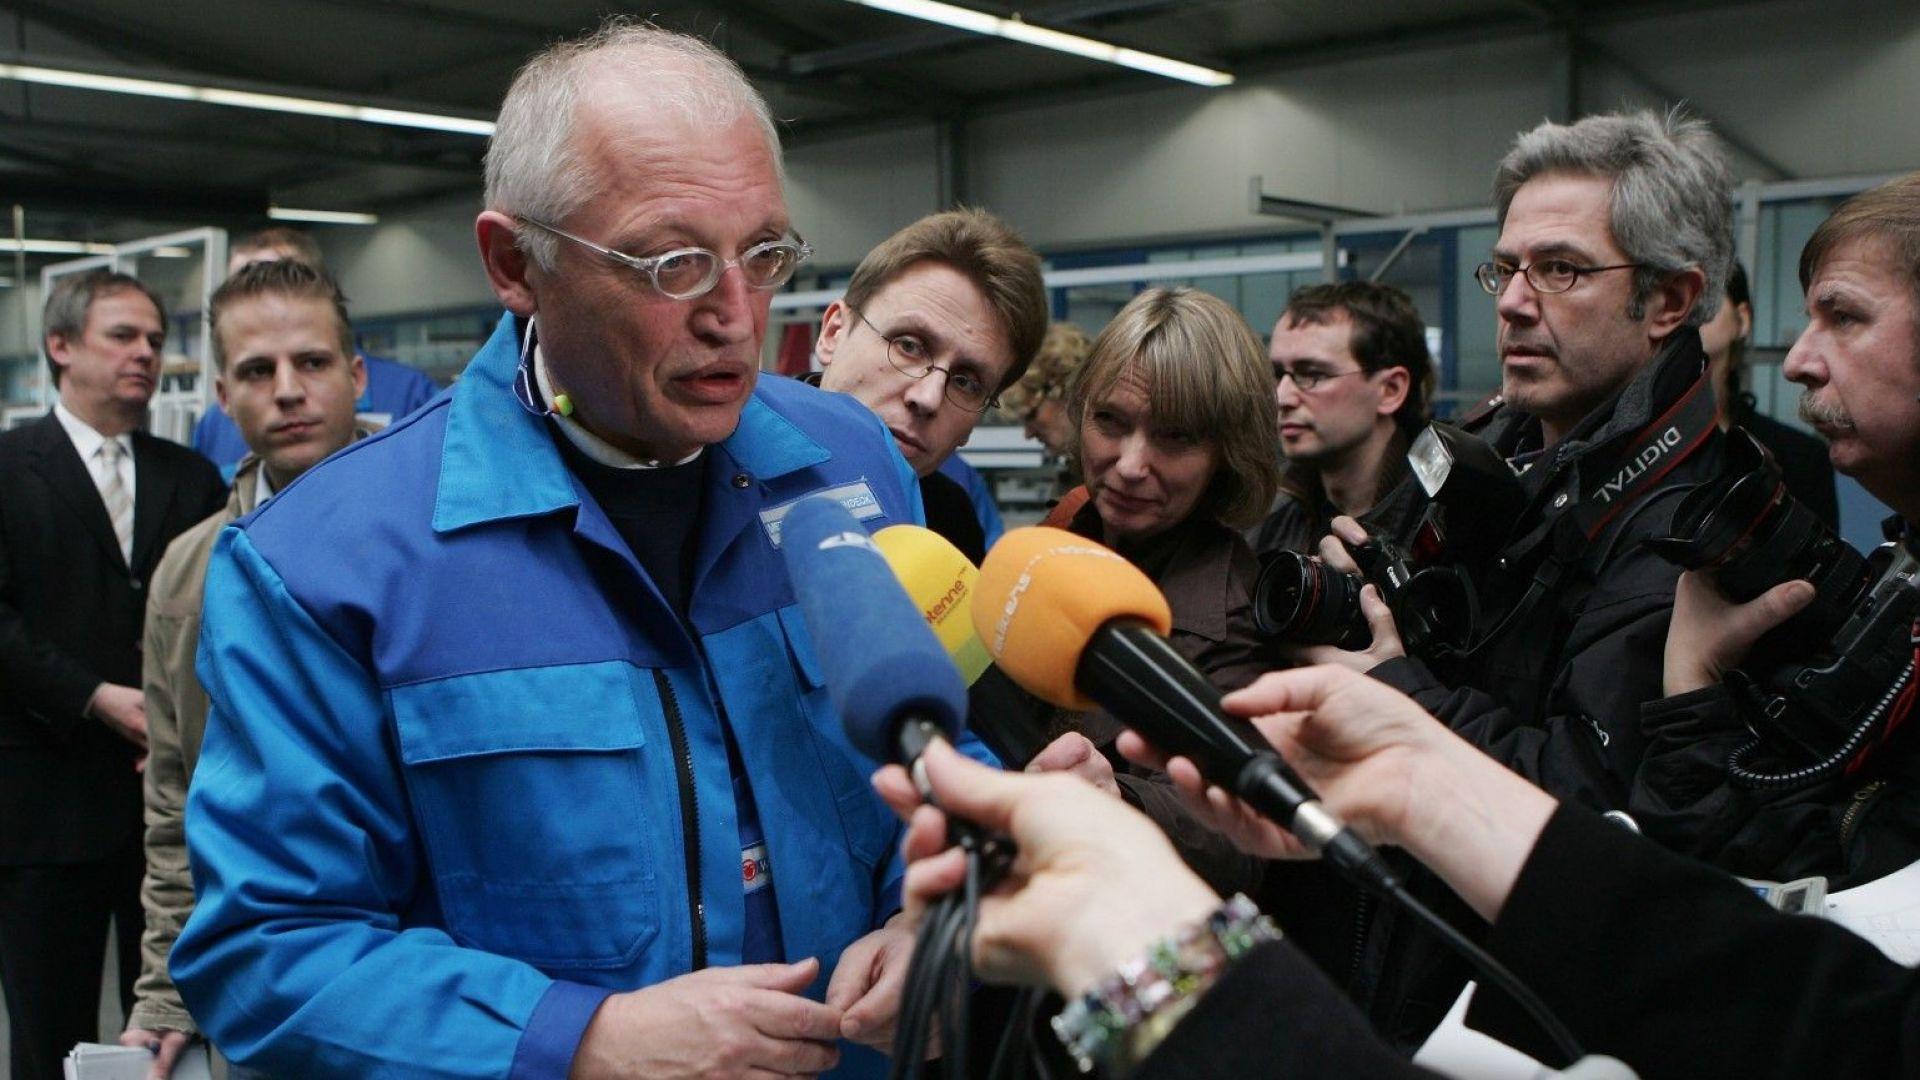 Гюнтер Ферхойген за напредъка на Западните Балкани, Русия, Фолксваген, Турция и крайната десница